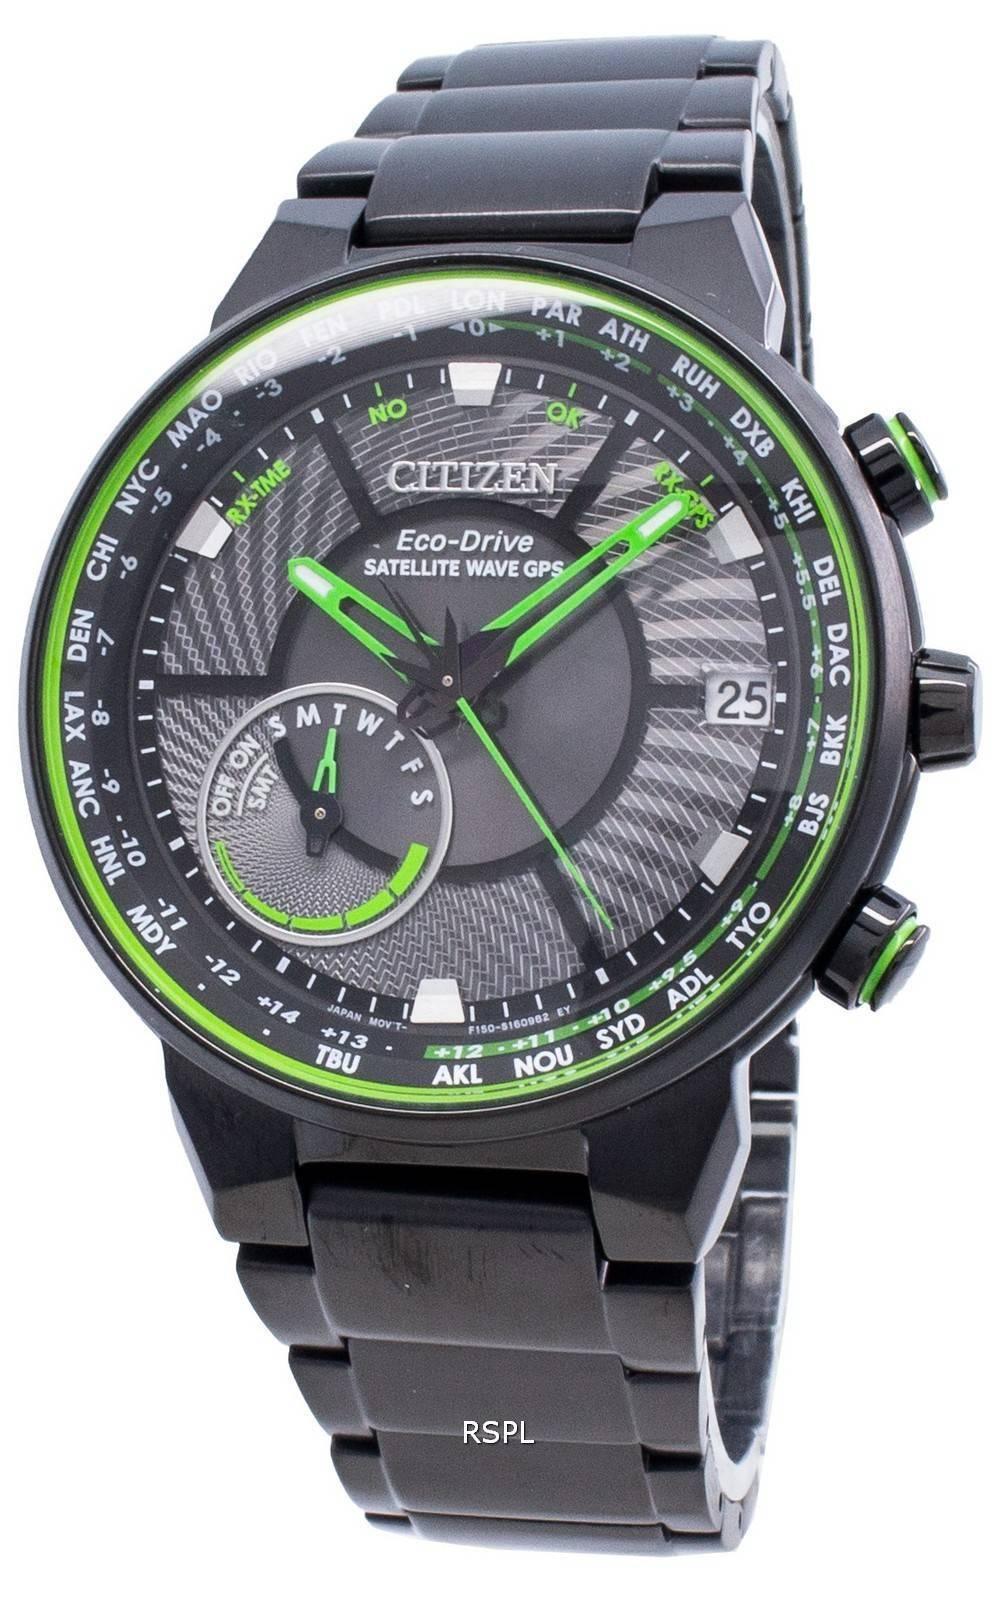 Citizen Eco-Drive-satelliitti-aalto GPS CC3075-80E maailmanajan miesten kello